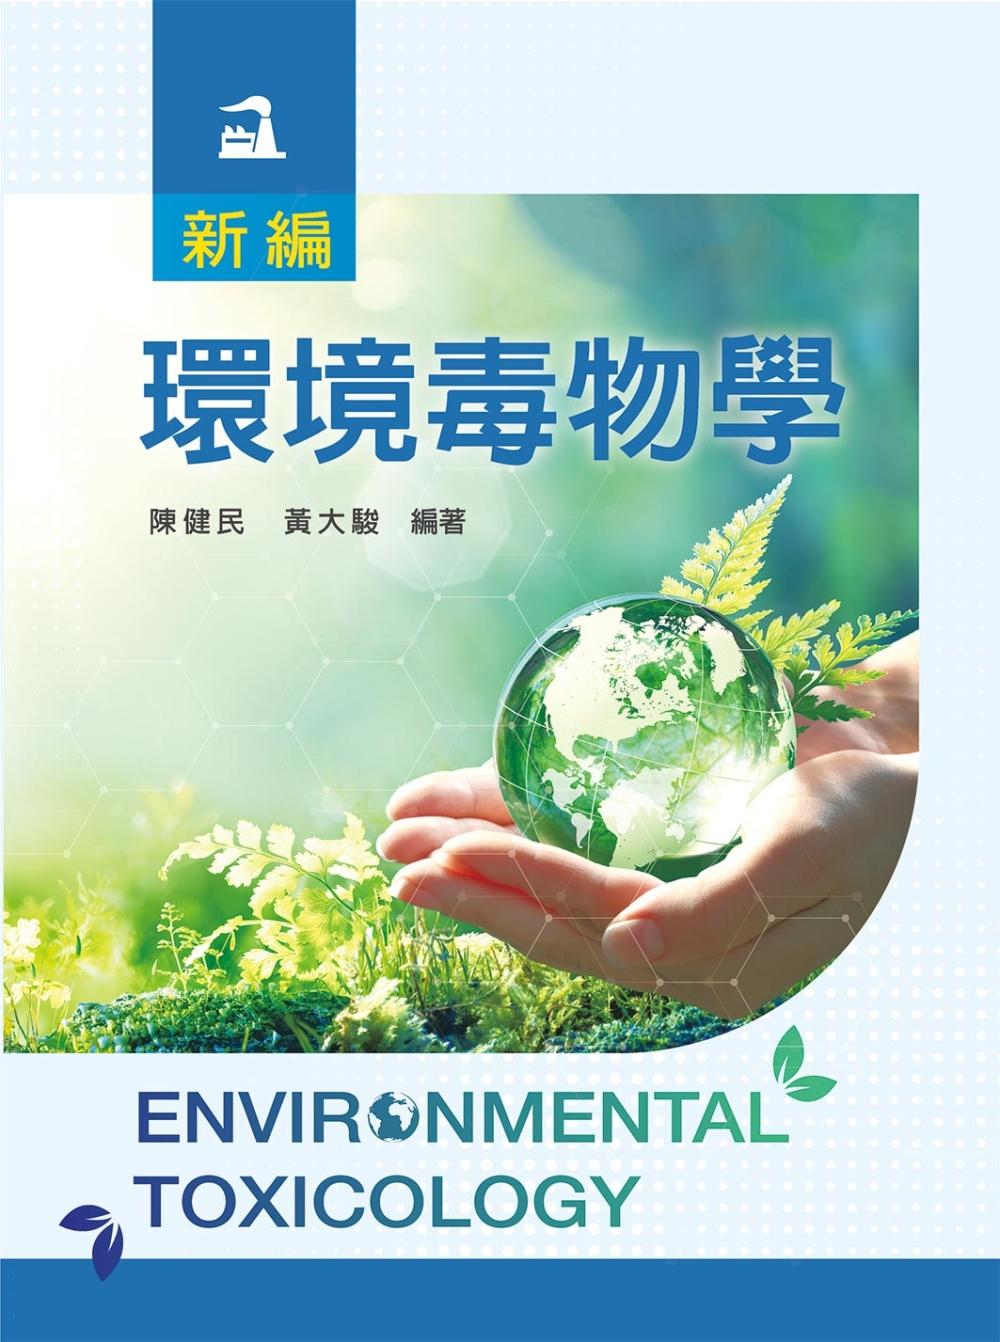 新編環境毒物學